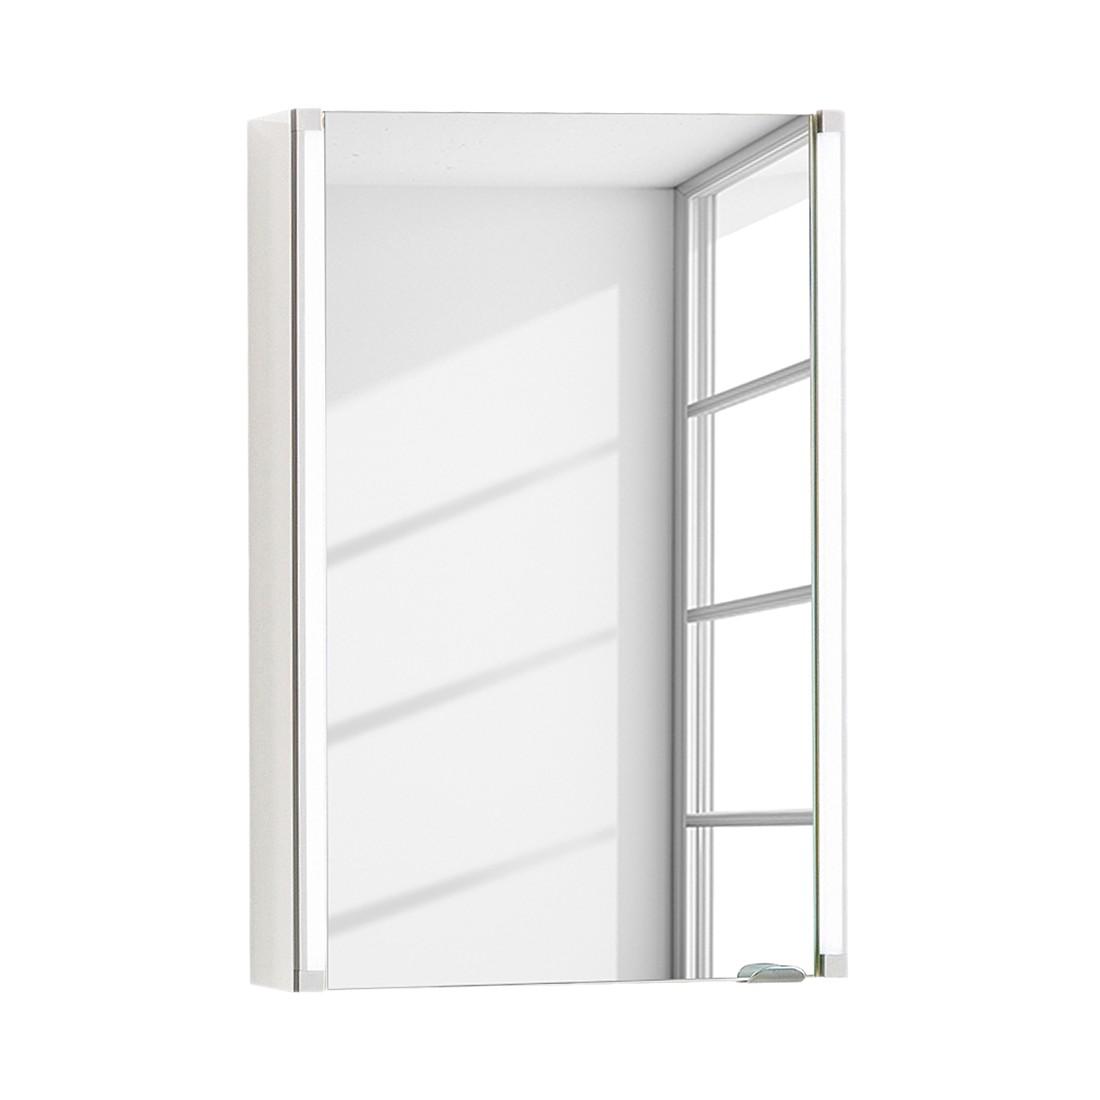 EEK A+, Spiegelschrank LED-Line - Weiß - 40 cm, Fackelmann